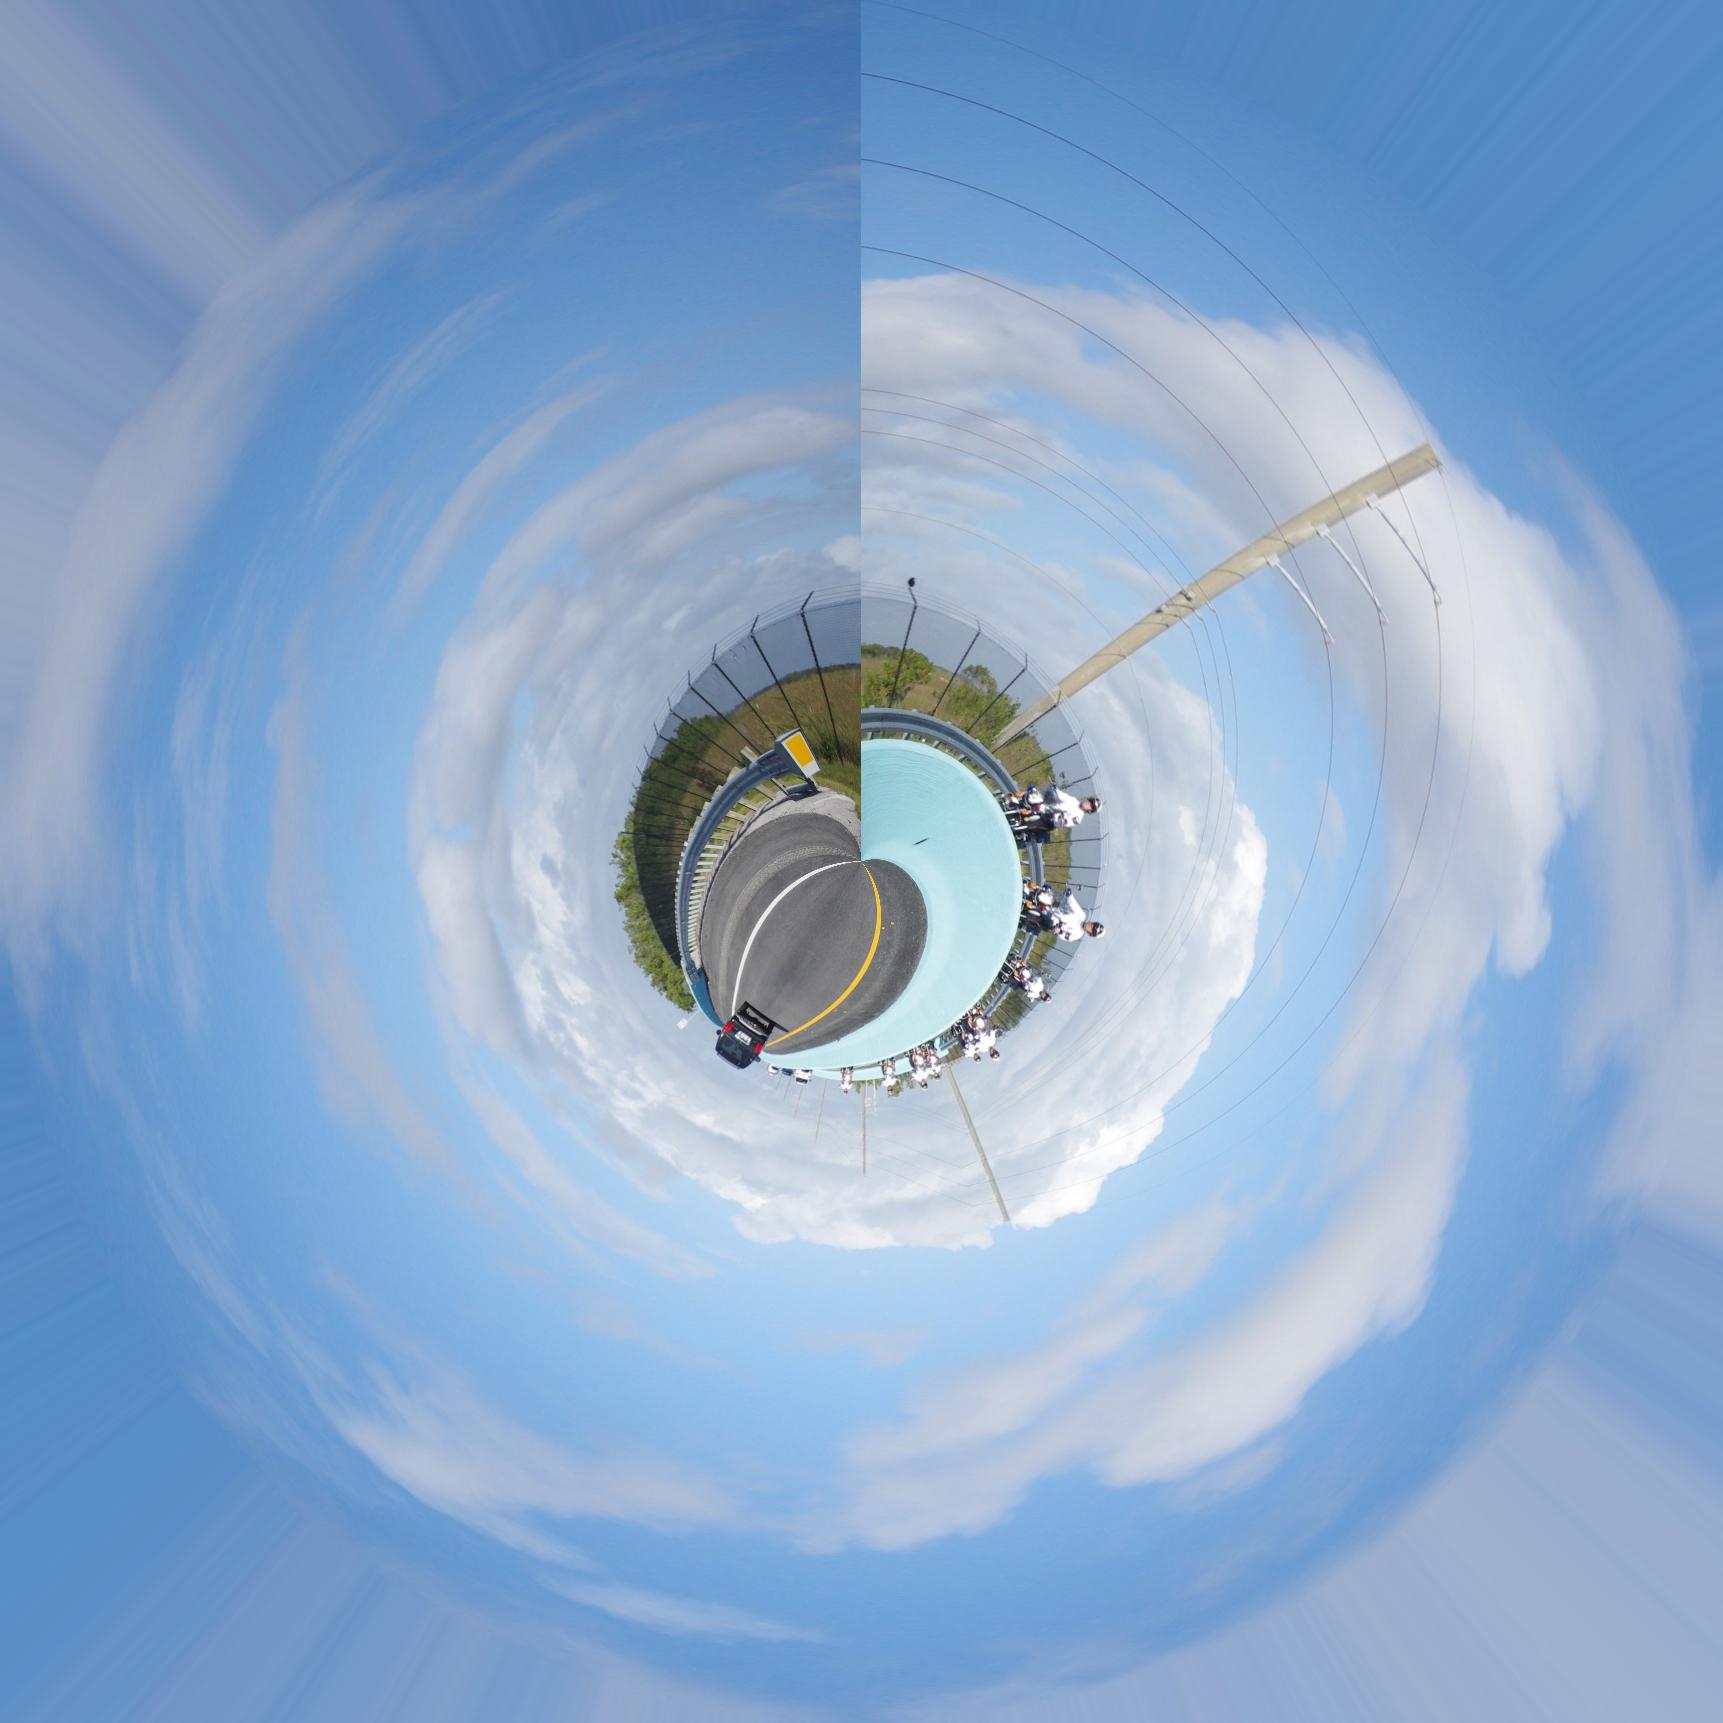 Tuto: créer une planète à partir d'une seule photo (photofiltre+photoshop) 156884tutoplanete6